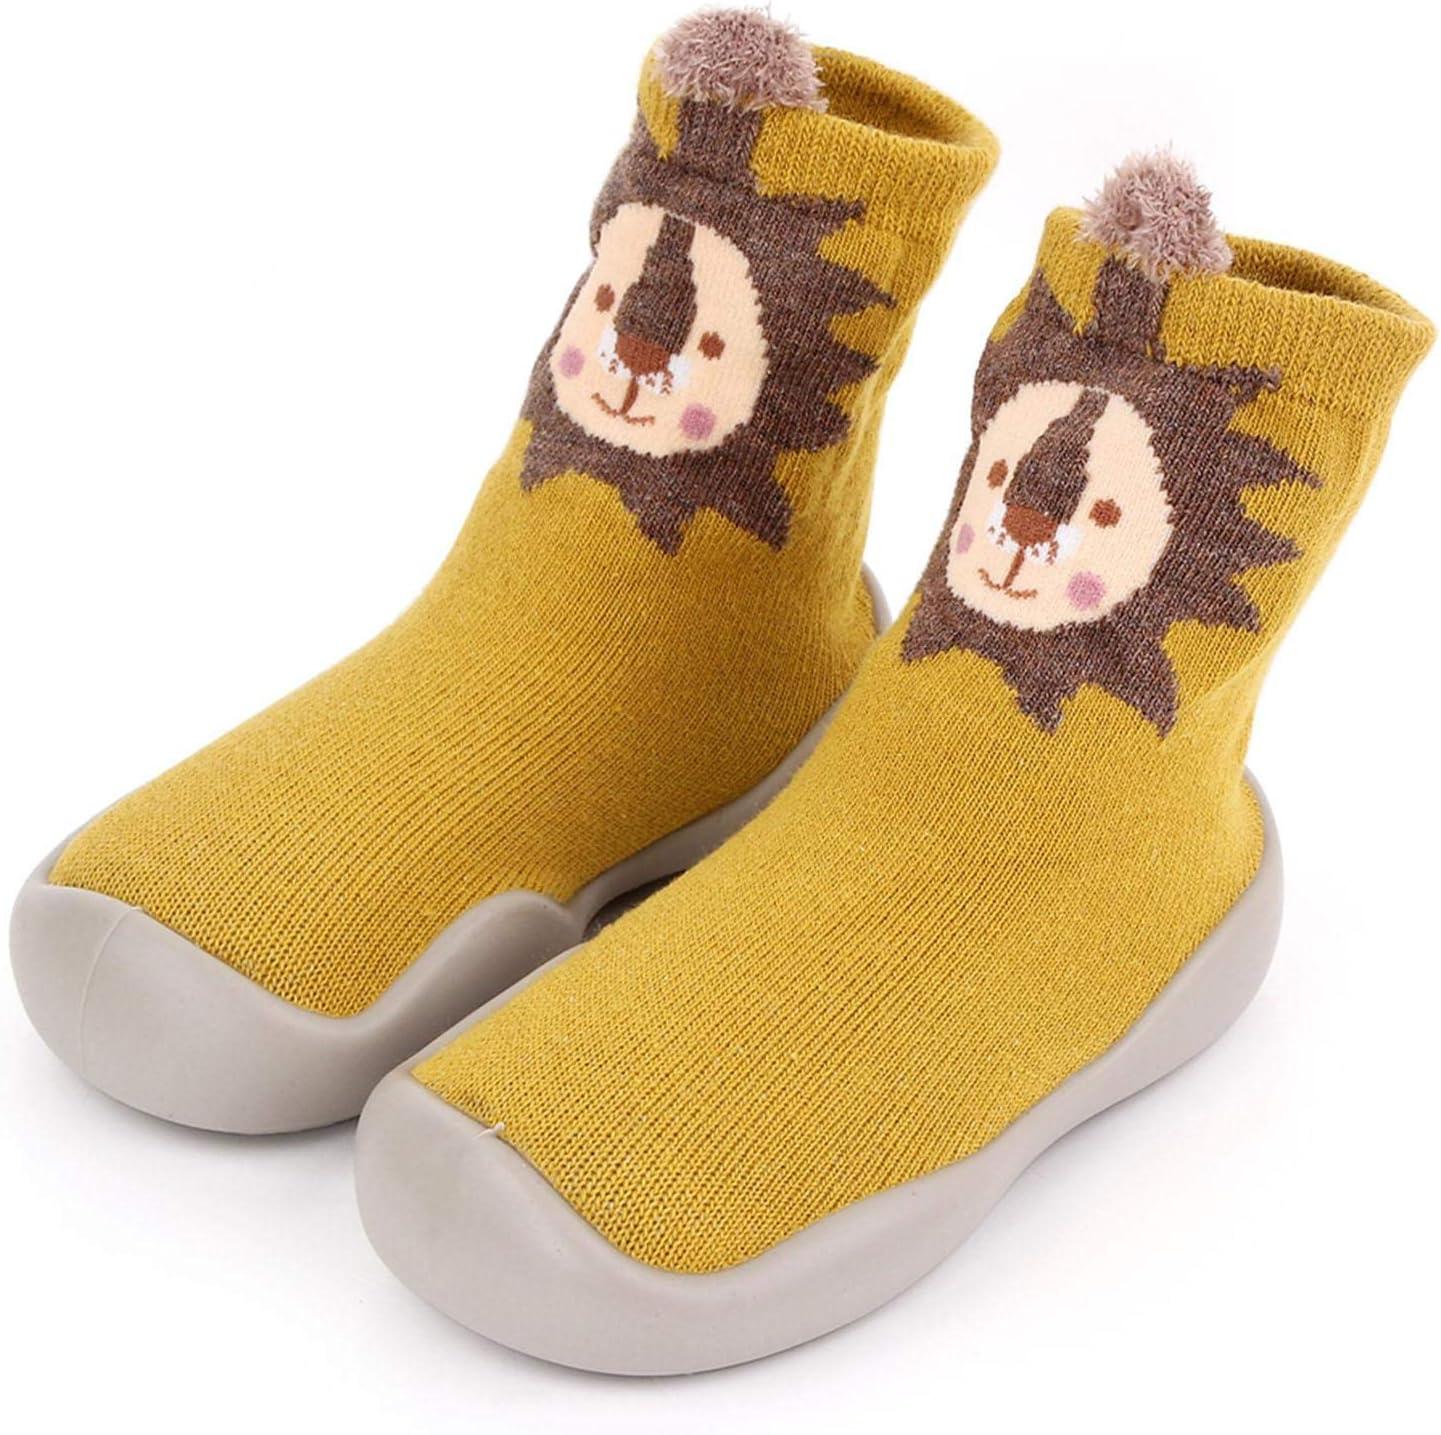 Antideslizantes Zapatos Botas para 2-7 A/ños Suelas De Goma Calcetines para El Piso Calcetines para Paso De Beb/é Xploit Zapatos para Ni/ños Peque/ños Zapatos con Estampado De Dibujos Animados